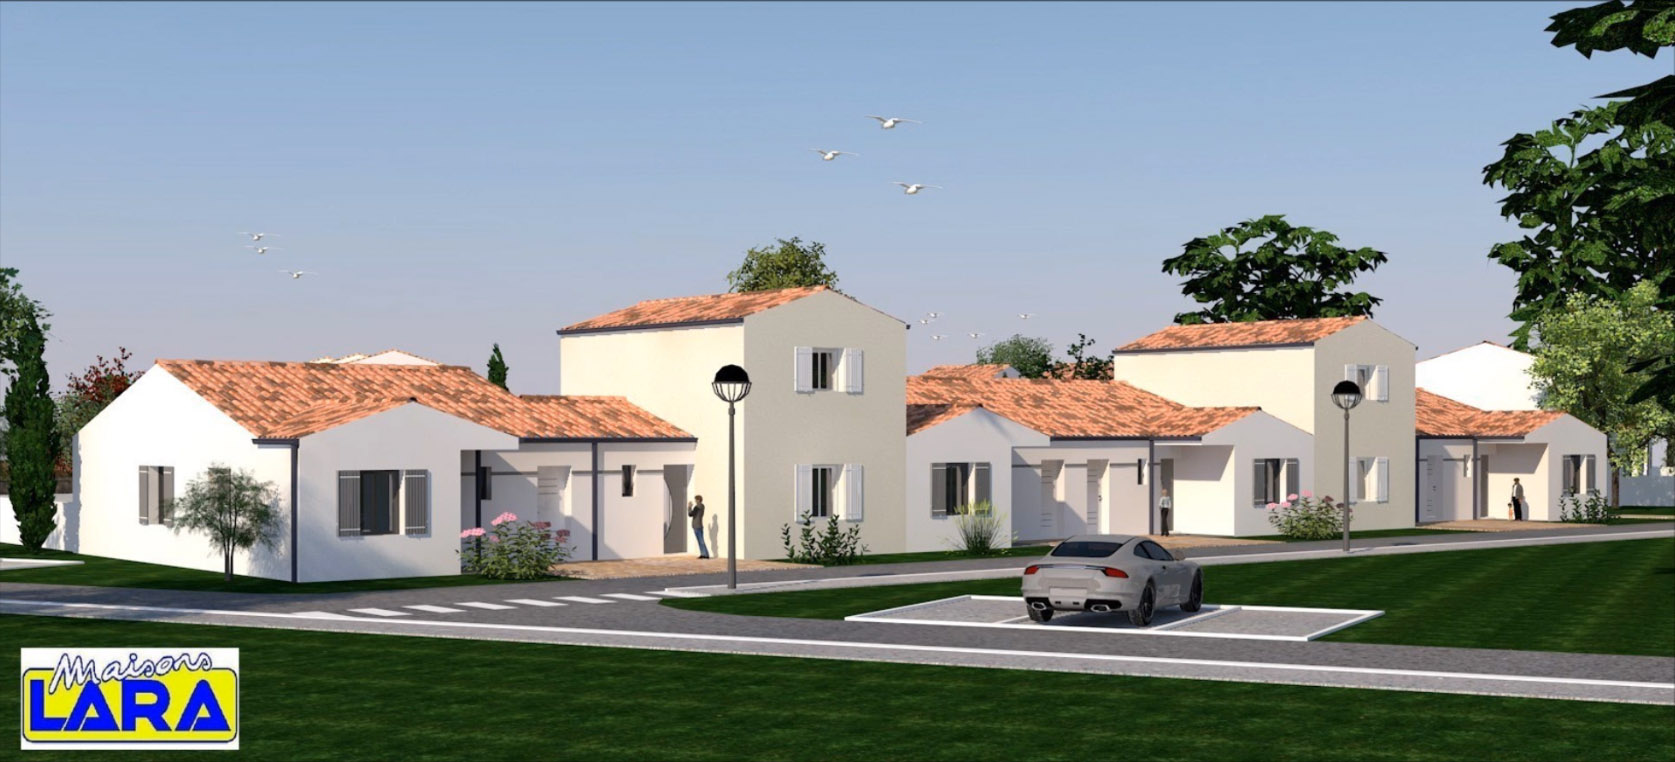 Votre projet de construction angliers 17 lotissement for Projet de construction maison